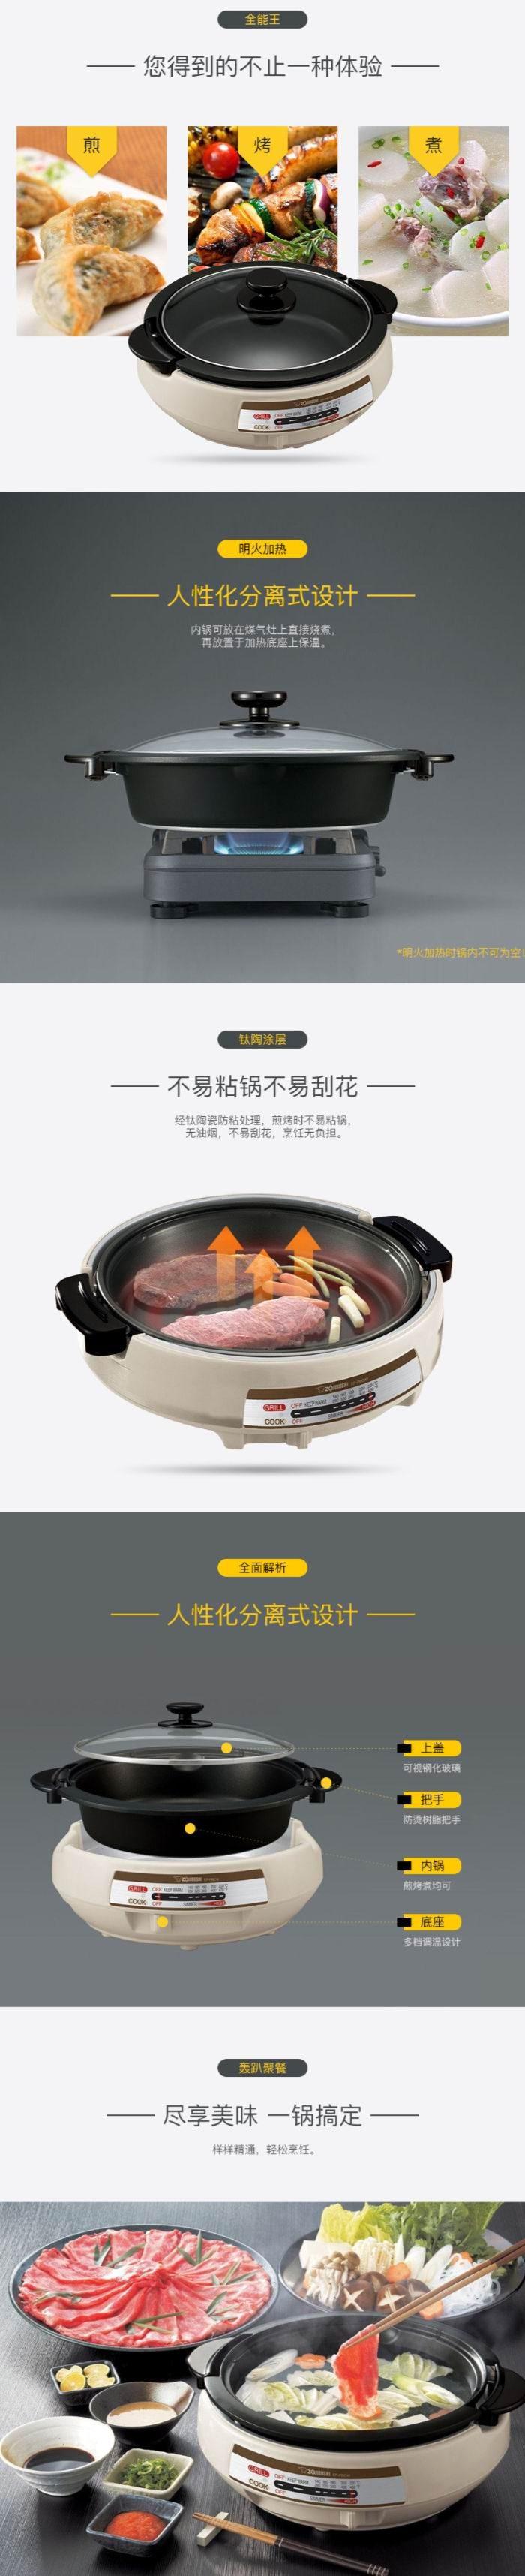 历史最低价!ZOJI Zojirushi 象印 EP-PBC10 Gourmet 美食家 多功能电火两用 煮锅/火锅/烤肉神器 117加元包邮!